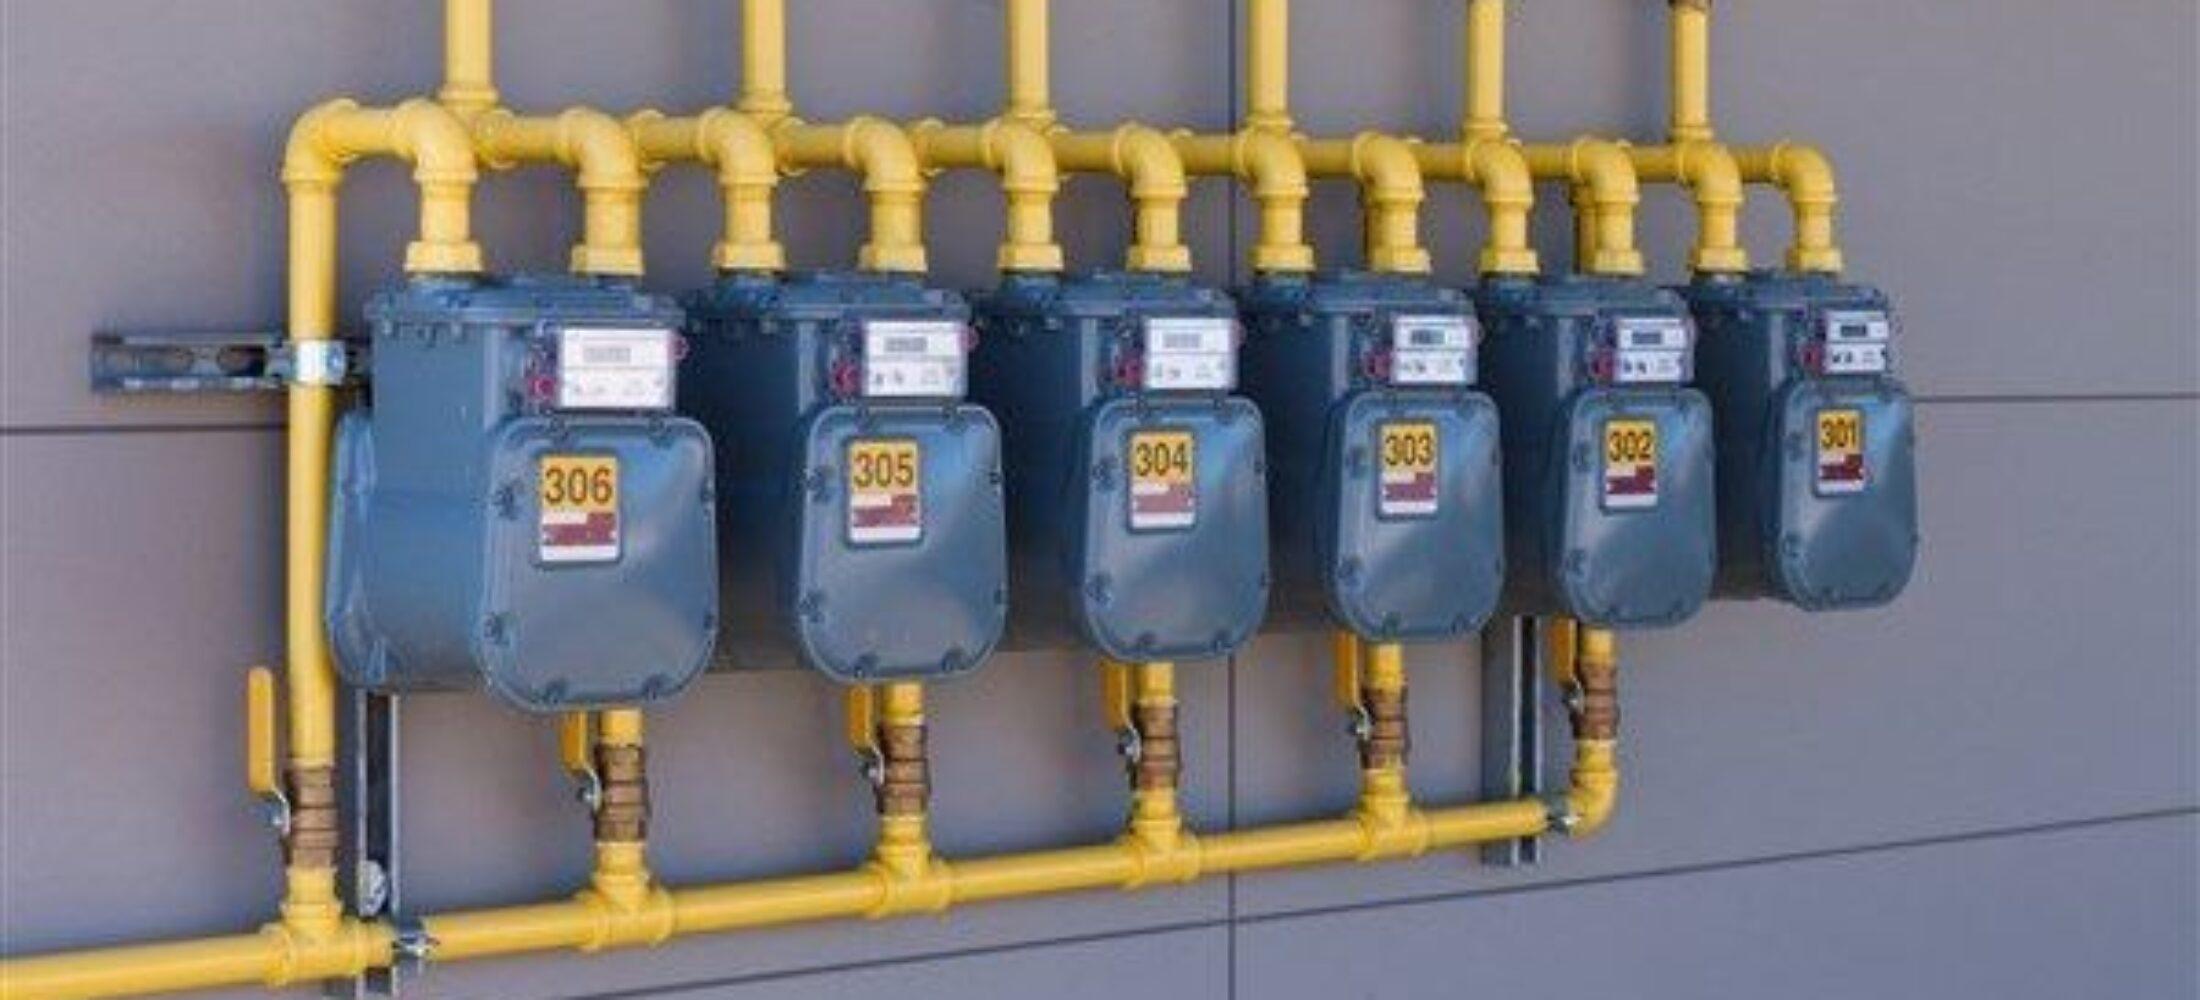 Εγκατάσταση φυσικού αερίου - Τιμές